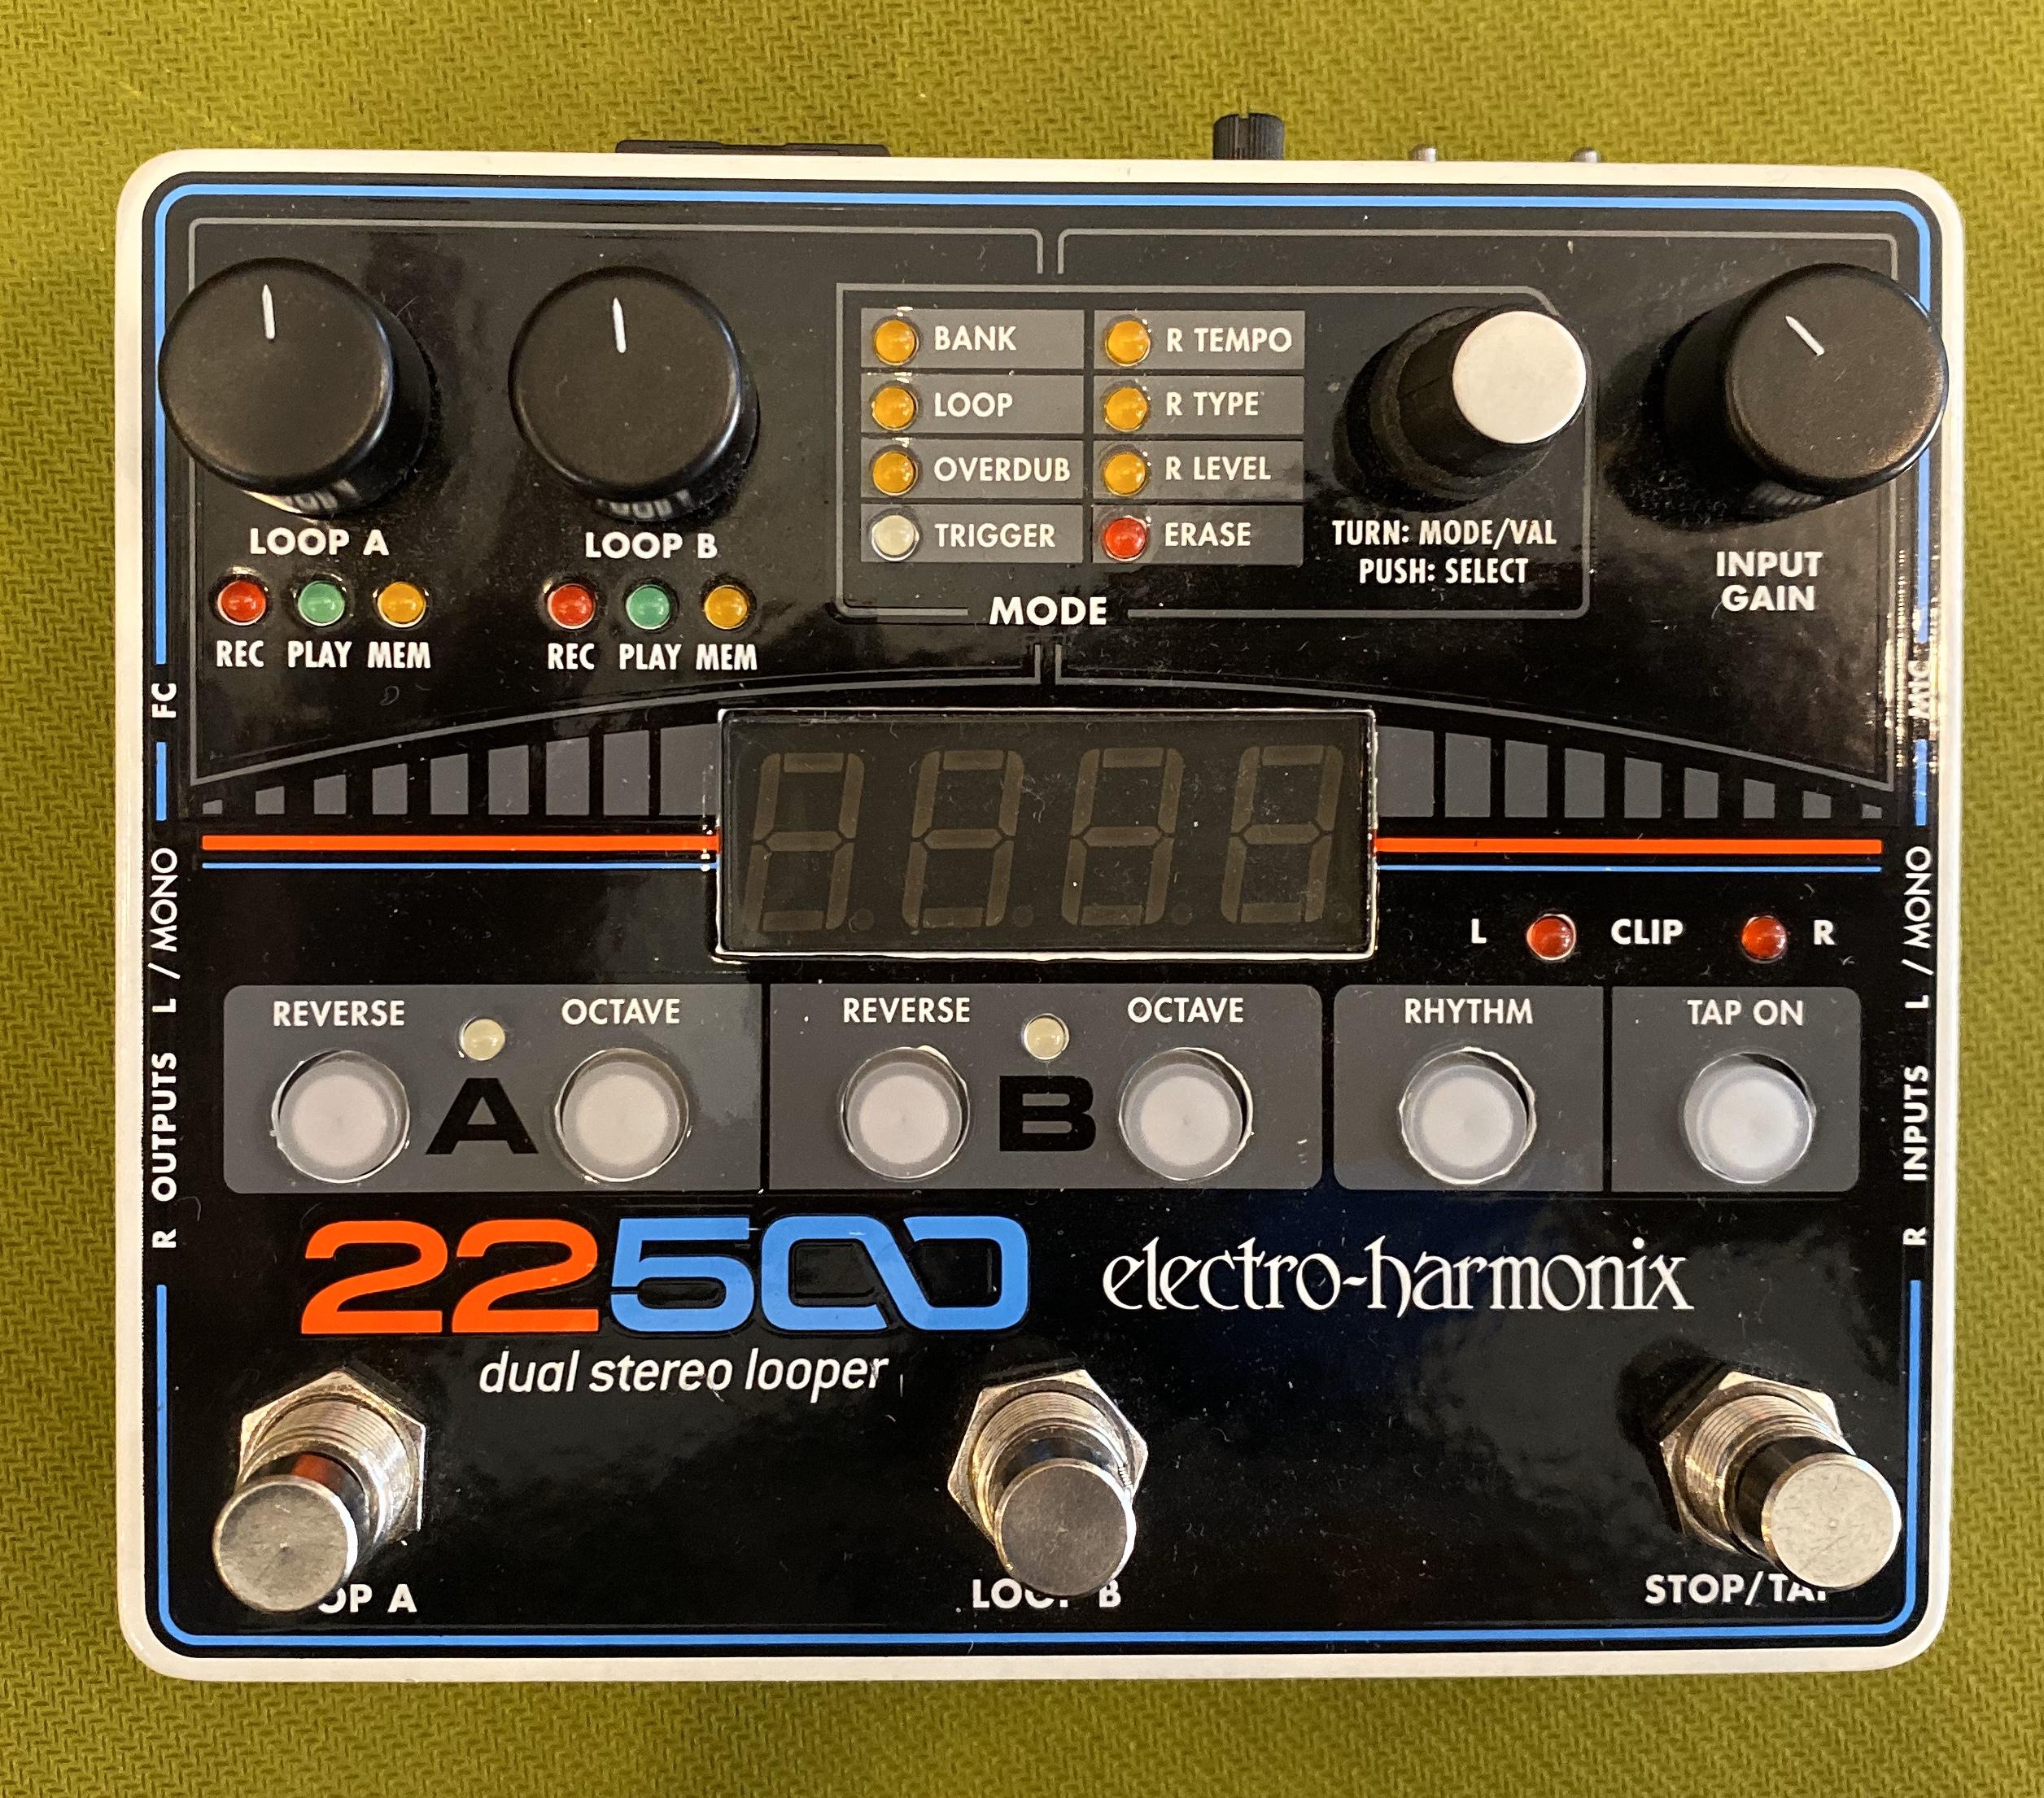 Electro-Harmonix 22500 Stereo Looper